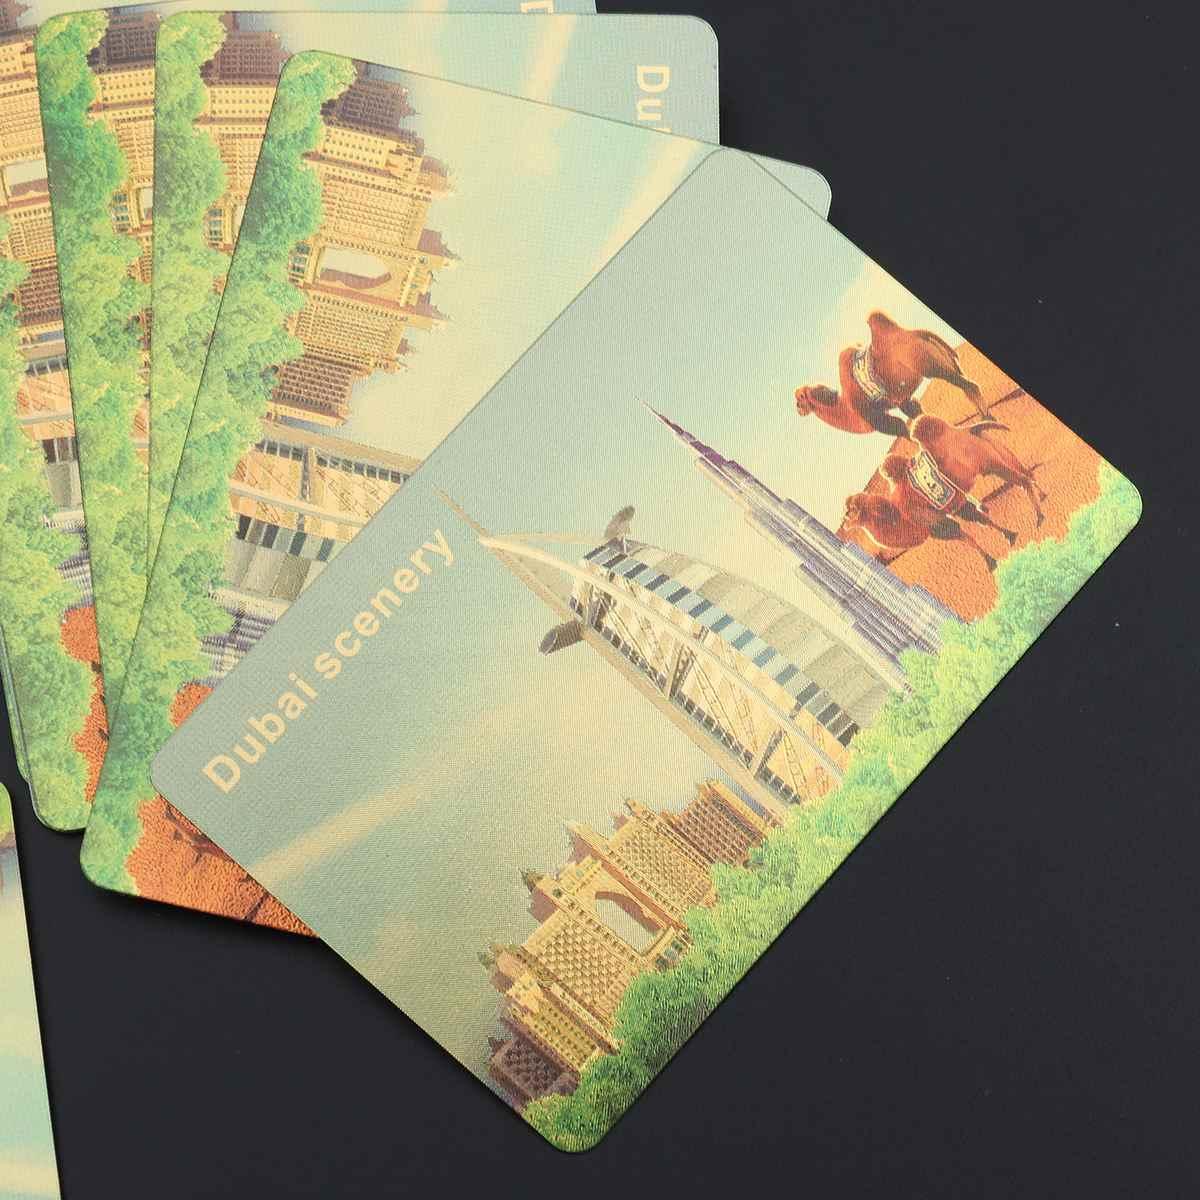 Позолоченные игральные карты из фольги покрытые Дубаи пейзажи покер настольные игры Джокер колода (золото)